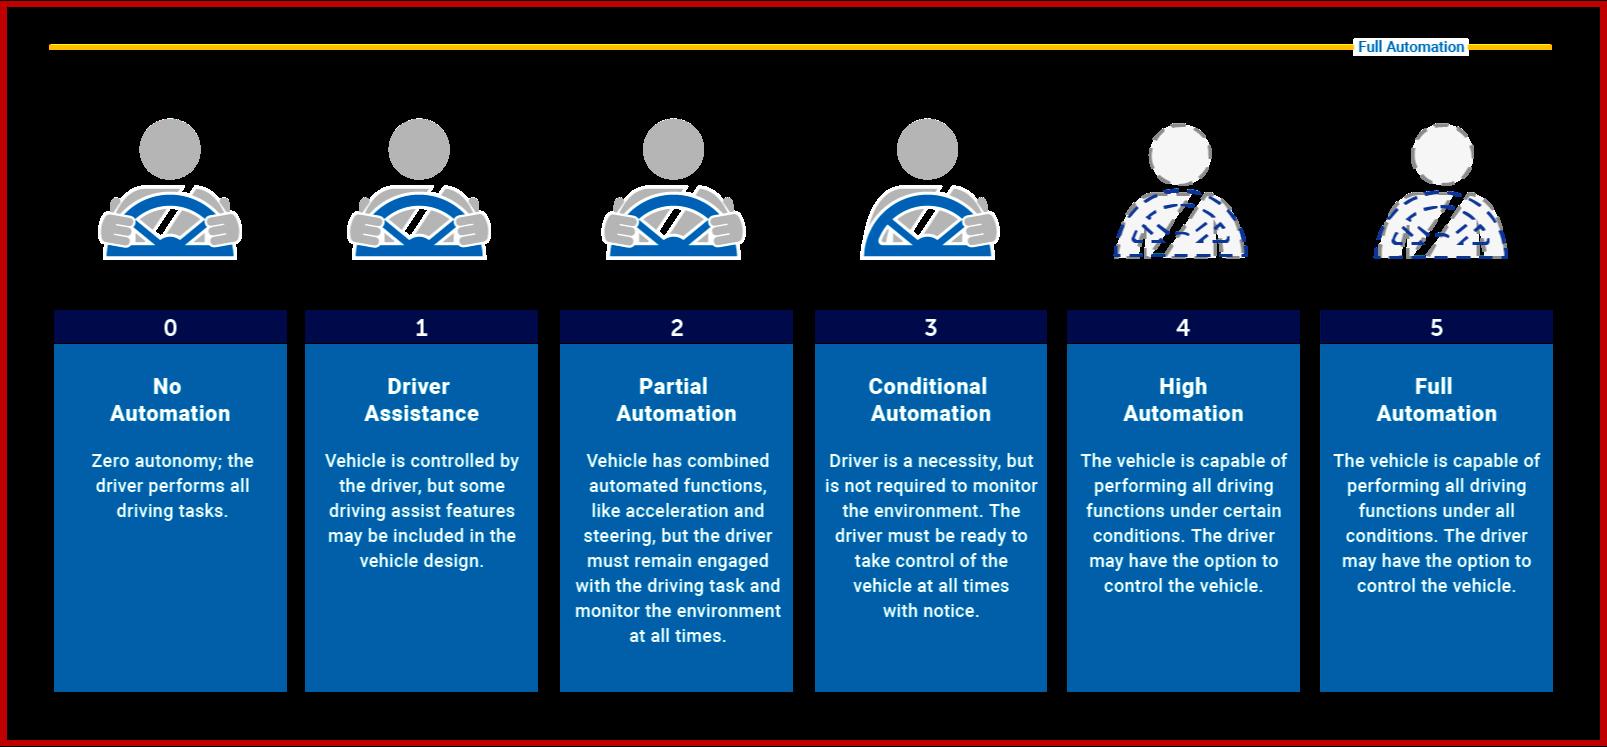 AutoInformed.com on SAE Autonomous Vehicle Driving Levels